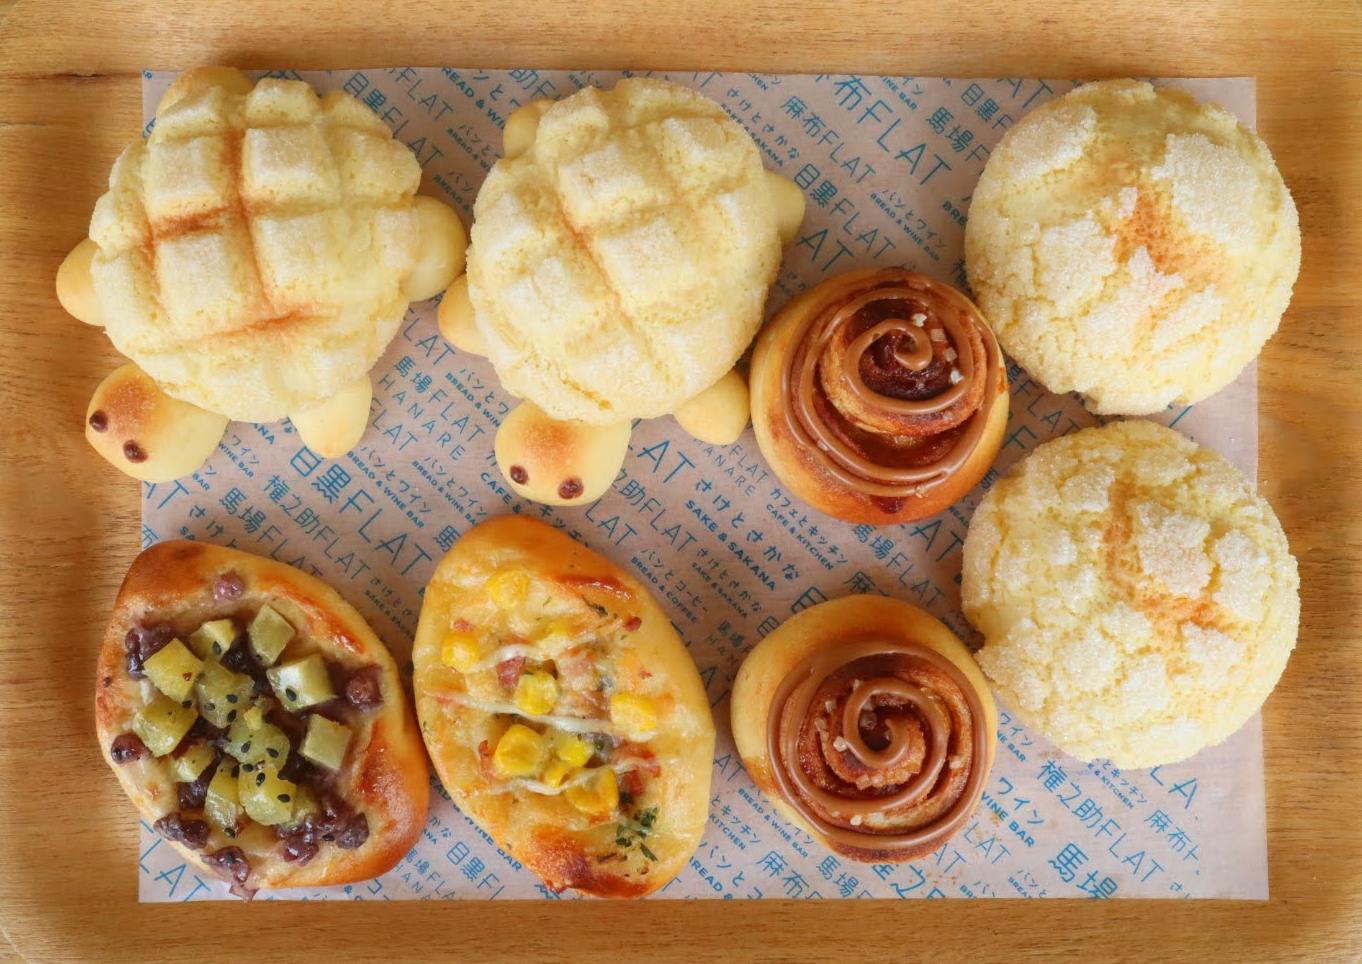 【手作りパンセット】「菓子パン&メロン皮」冷凍パン生地セット